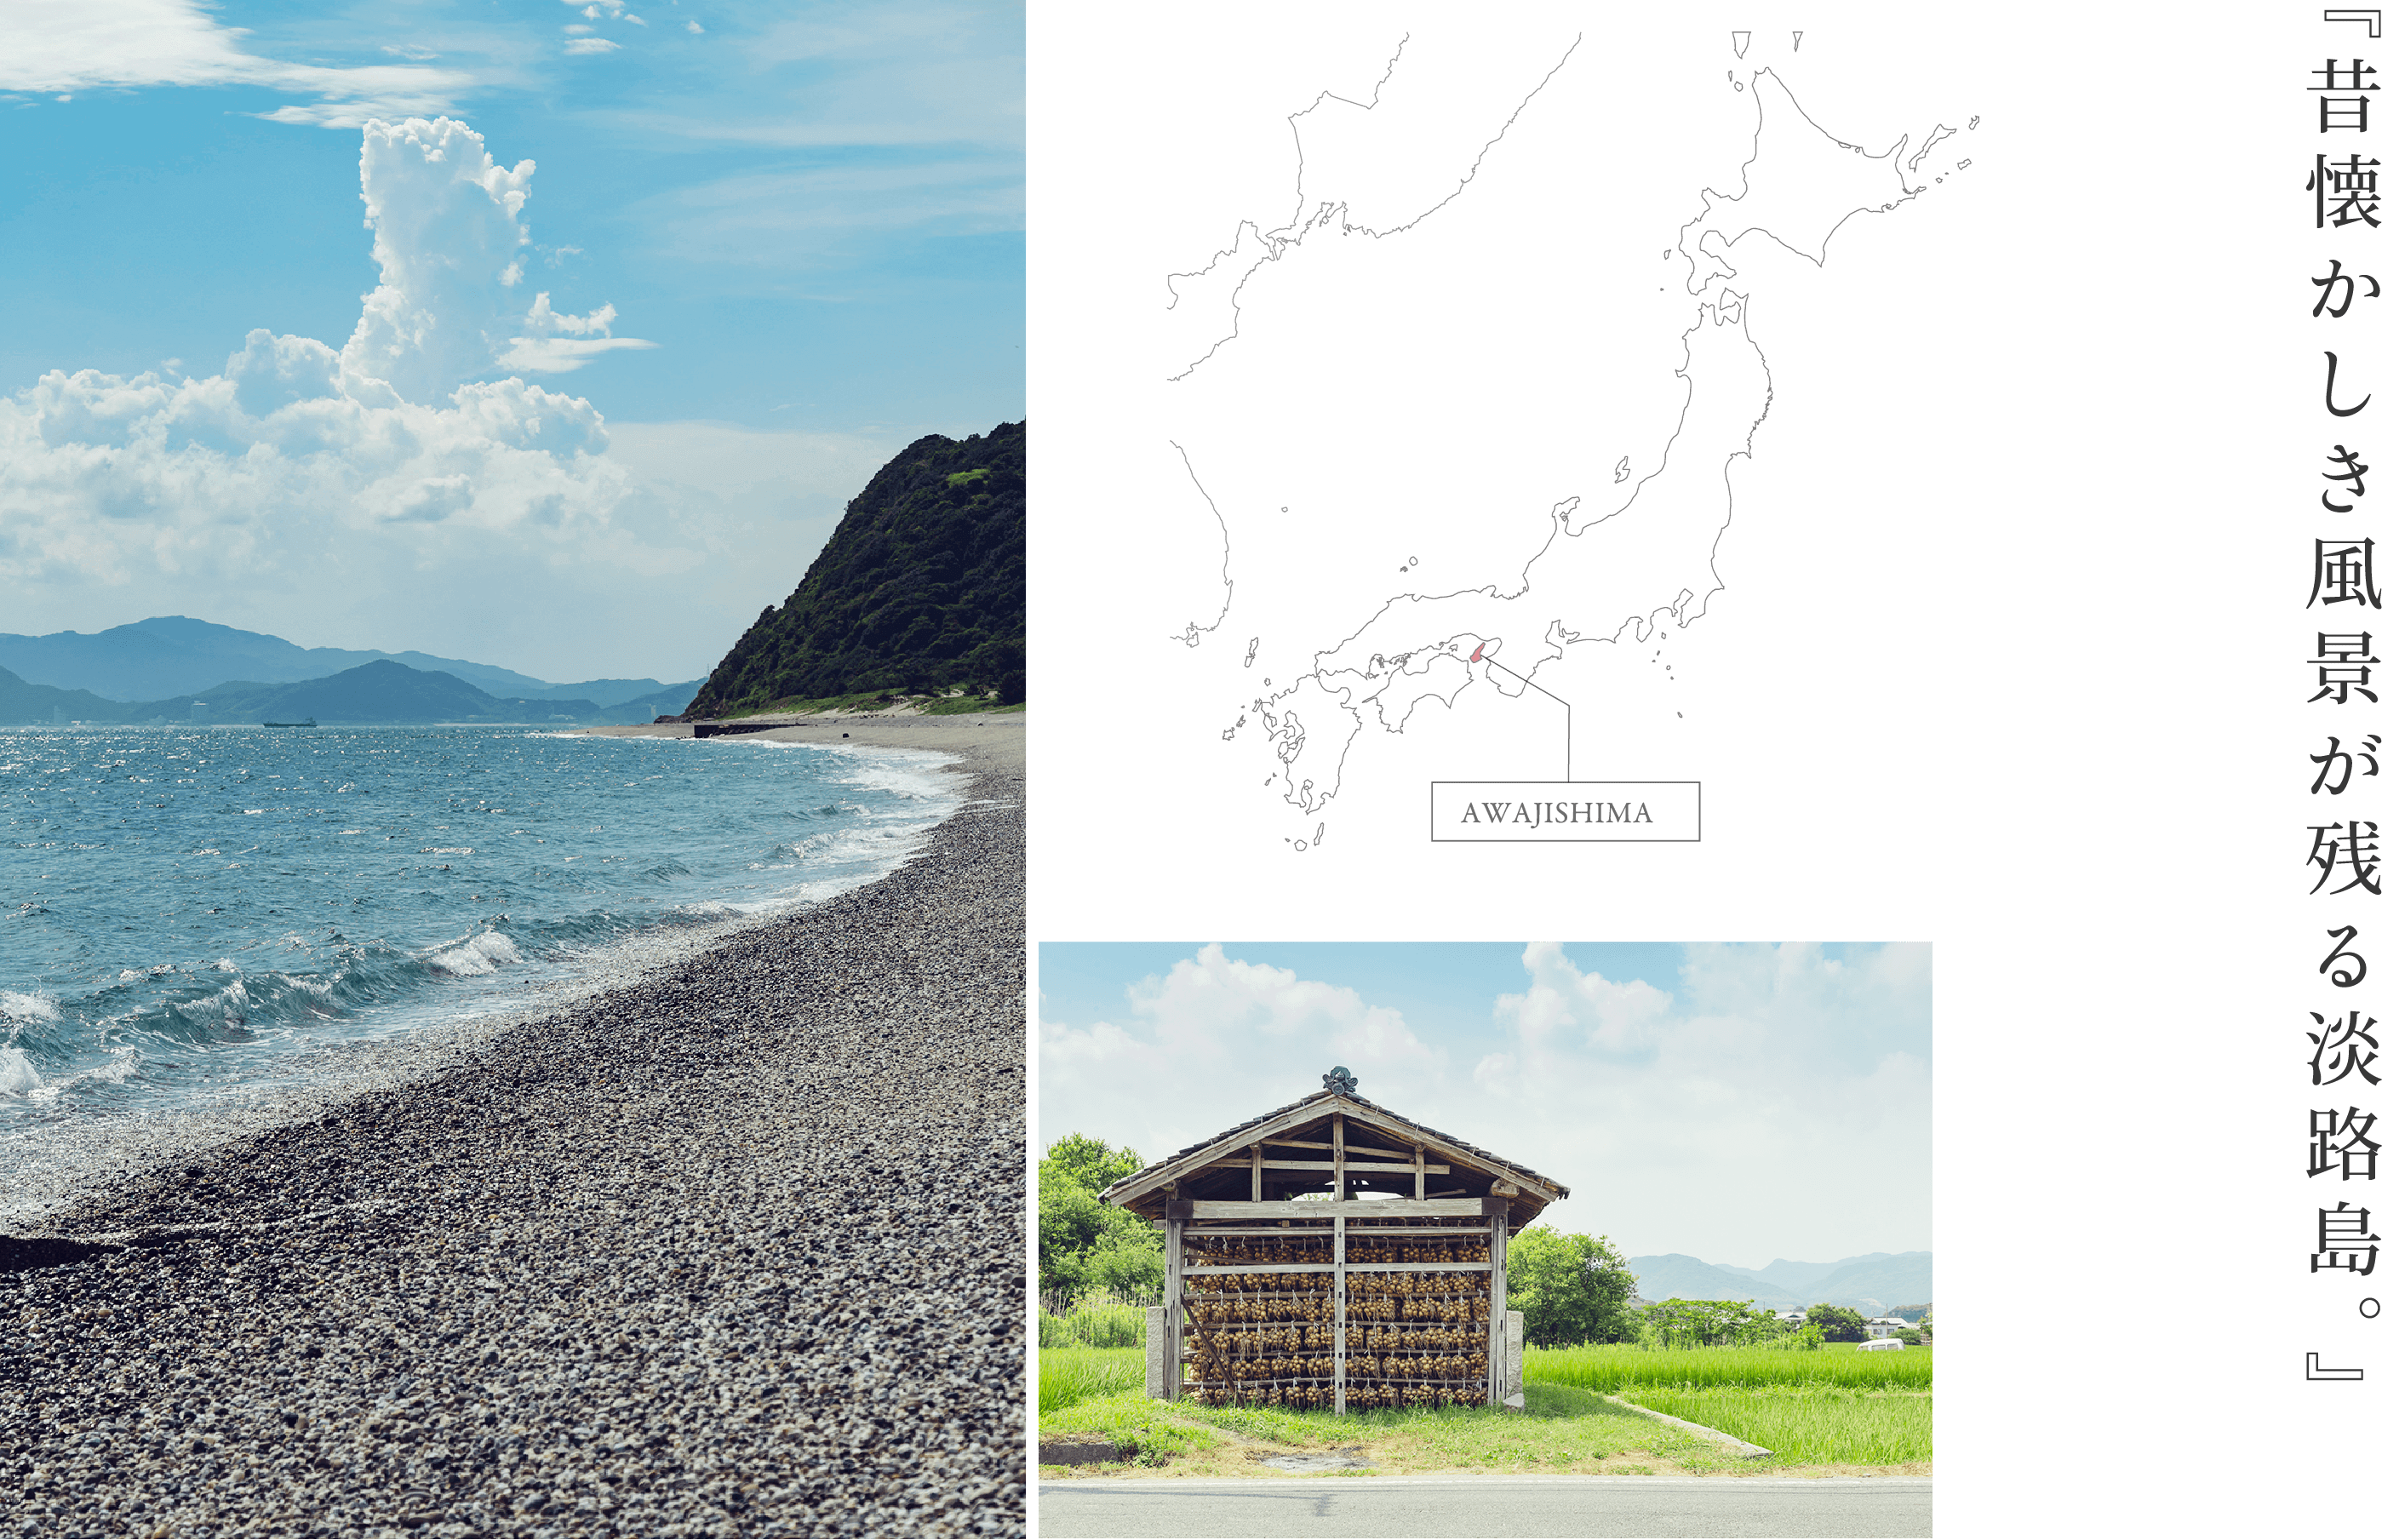 昔懐かしき風景が残る淡路島。